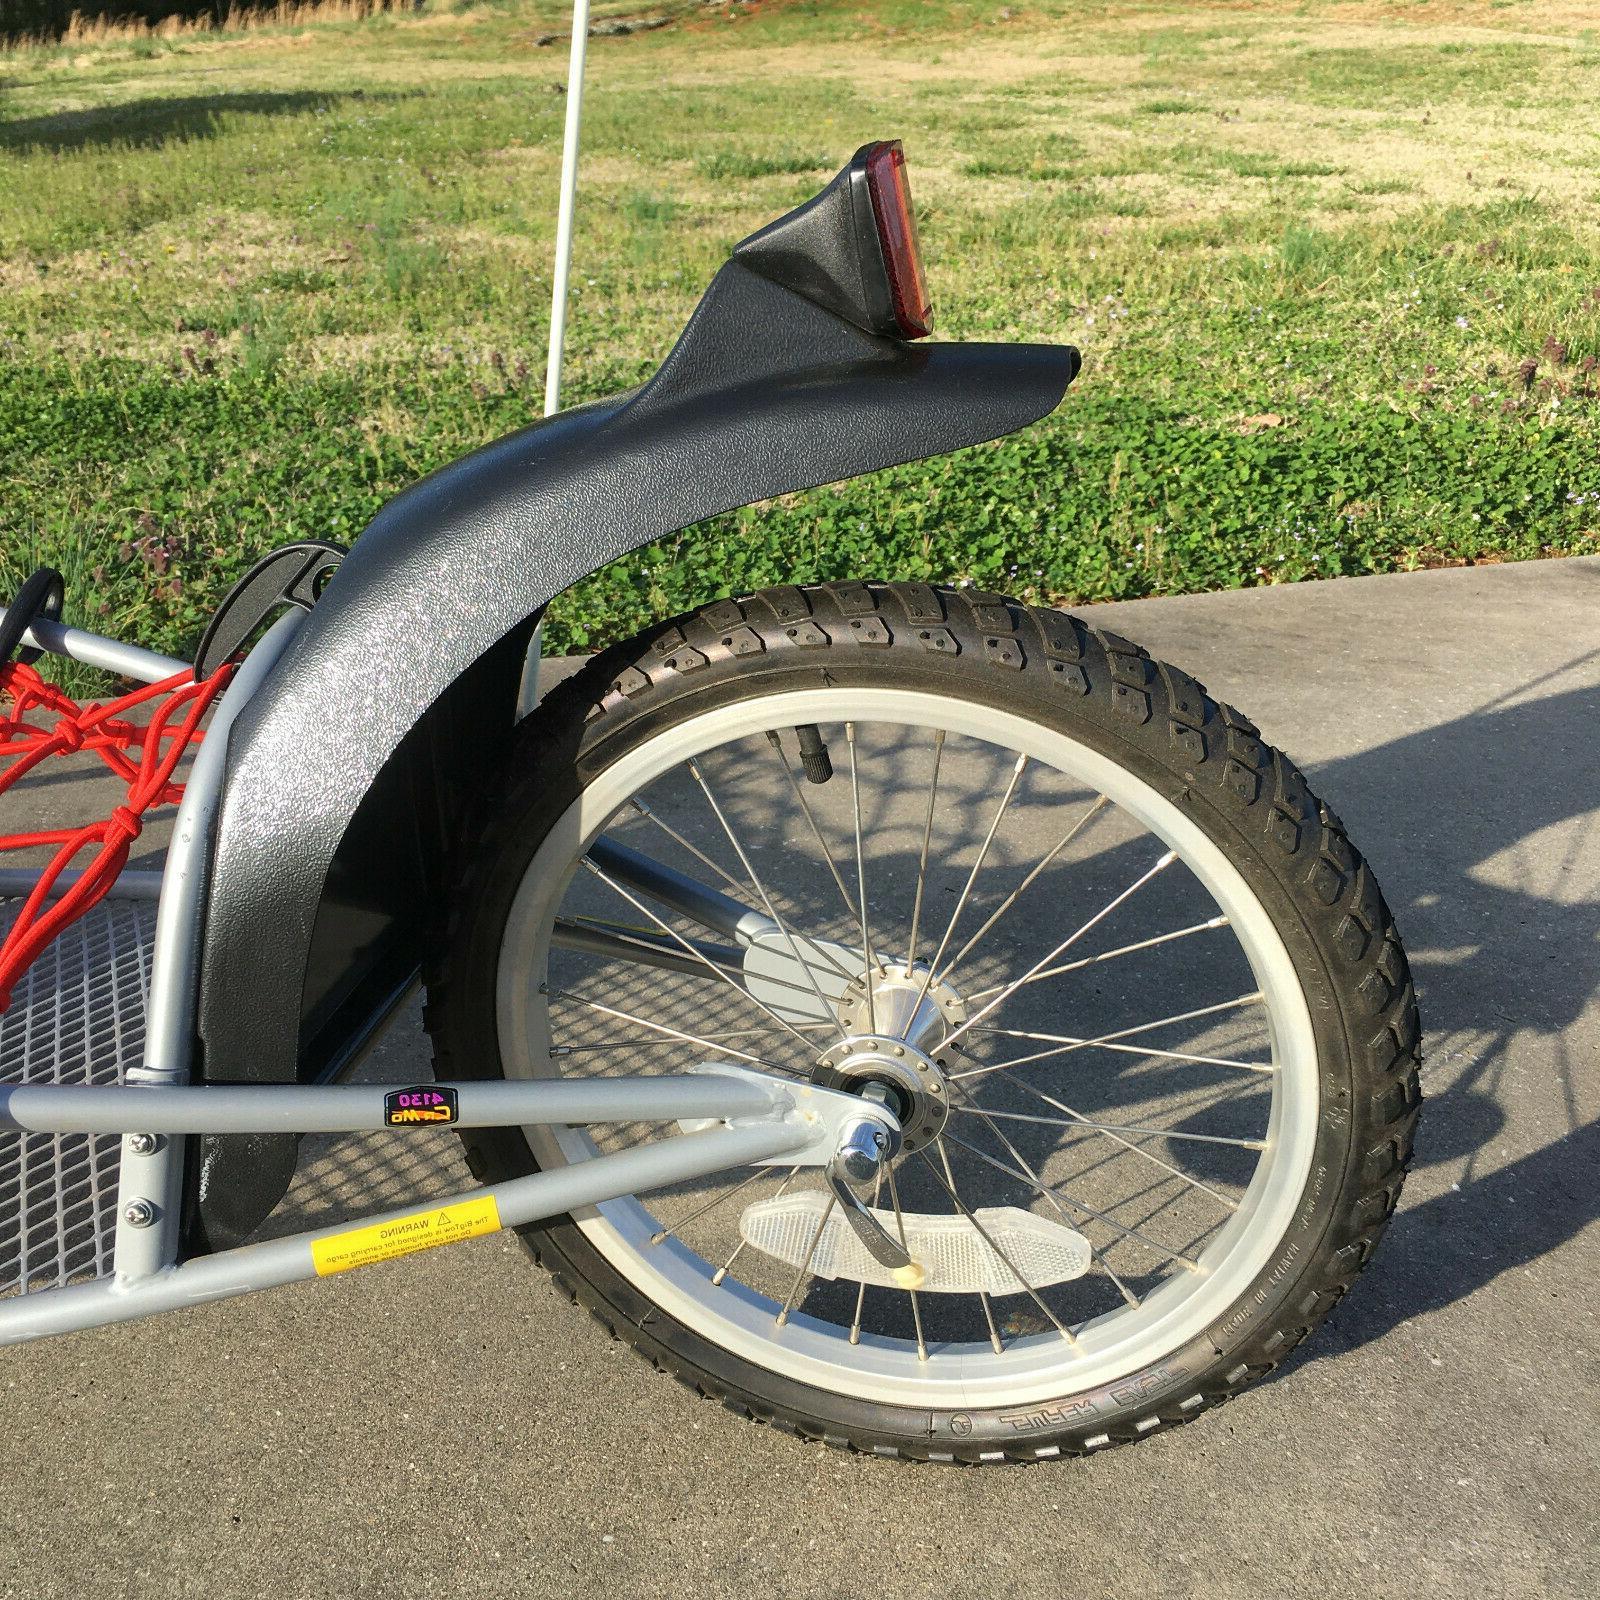 Yakima - Big - Bicycle Trailer - Yak